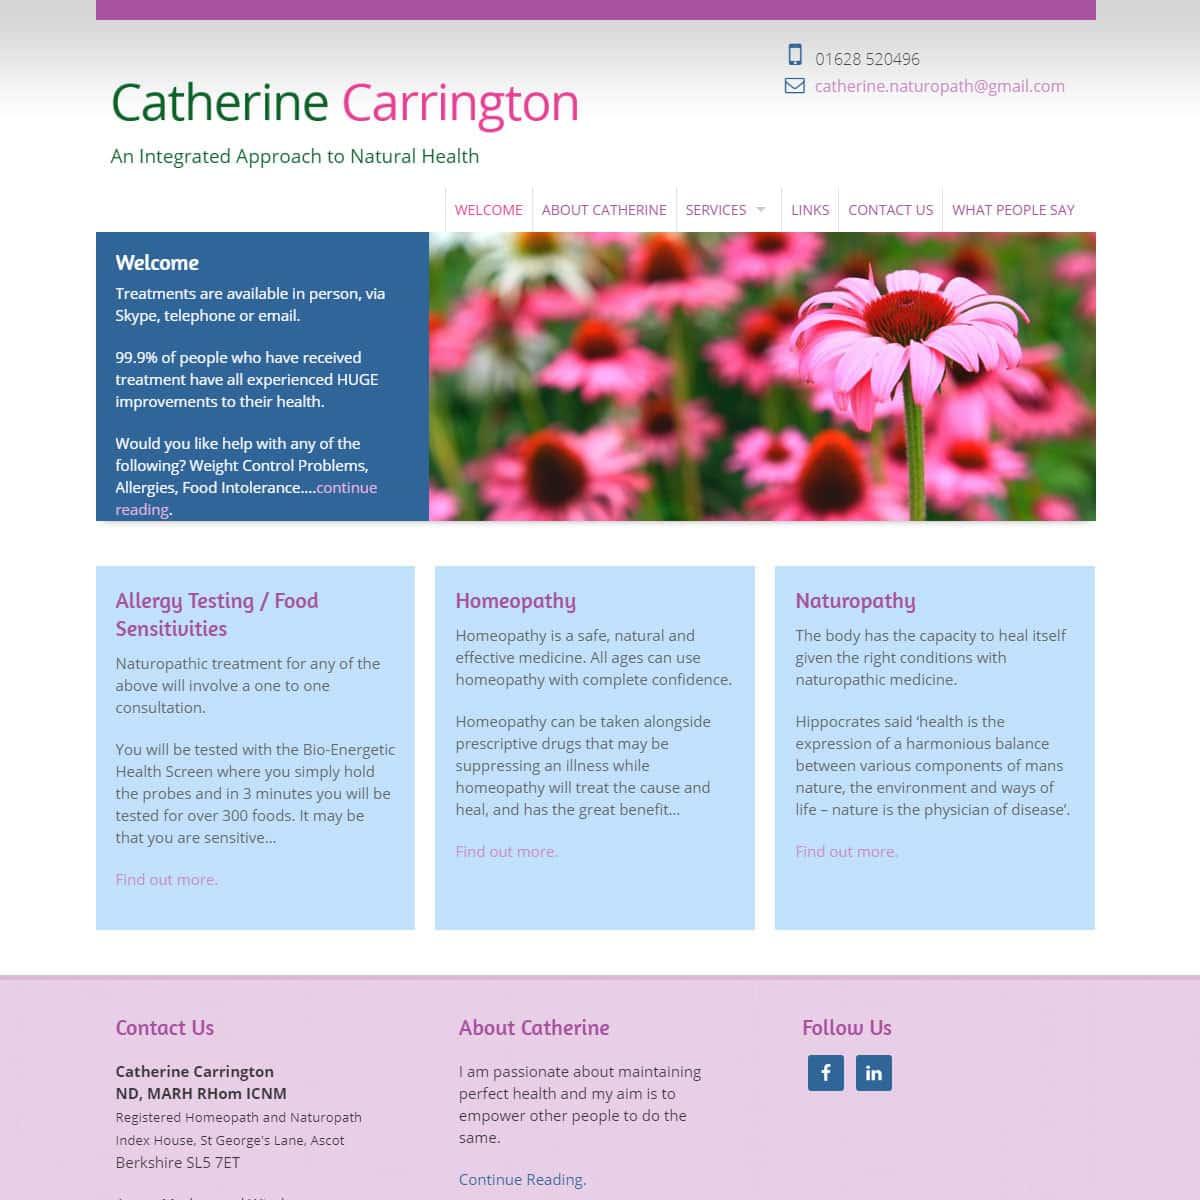 catherinecarrington